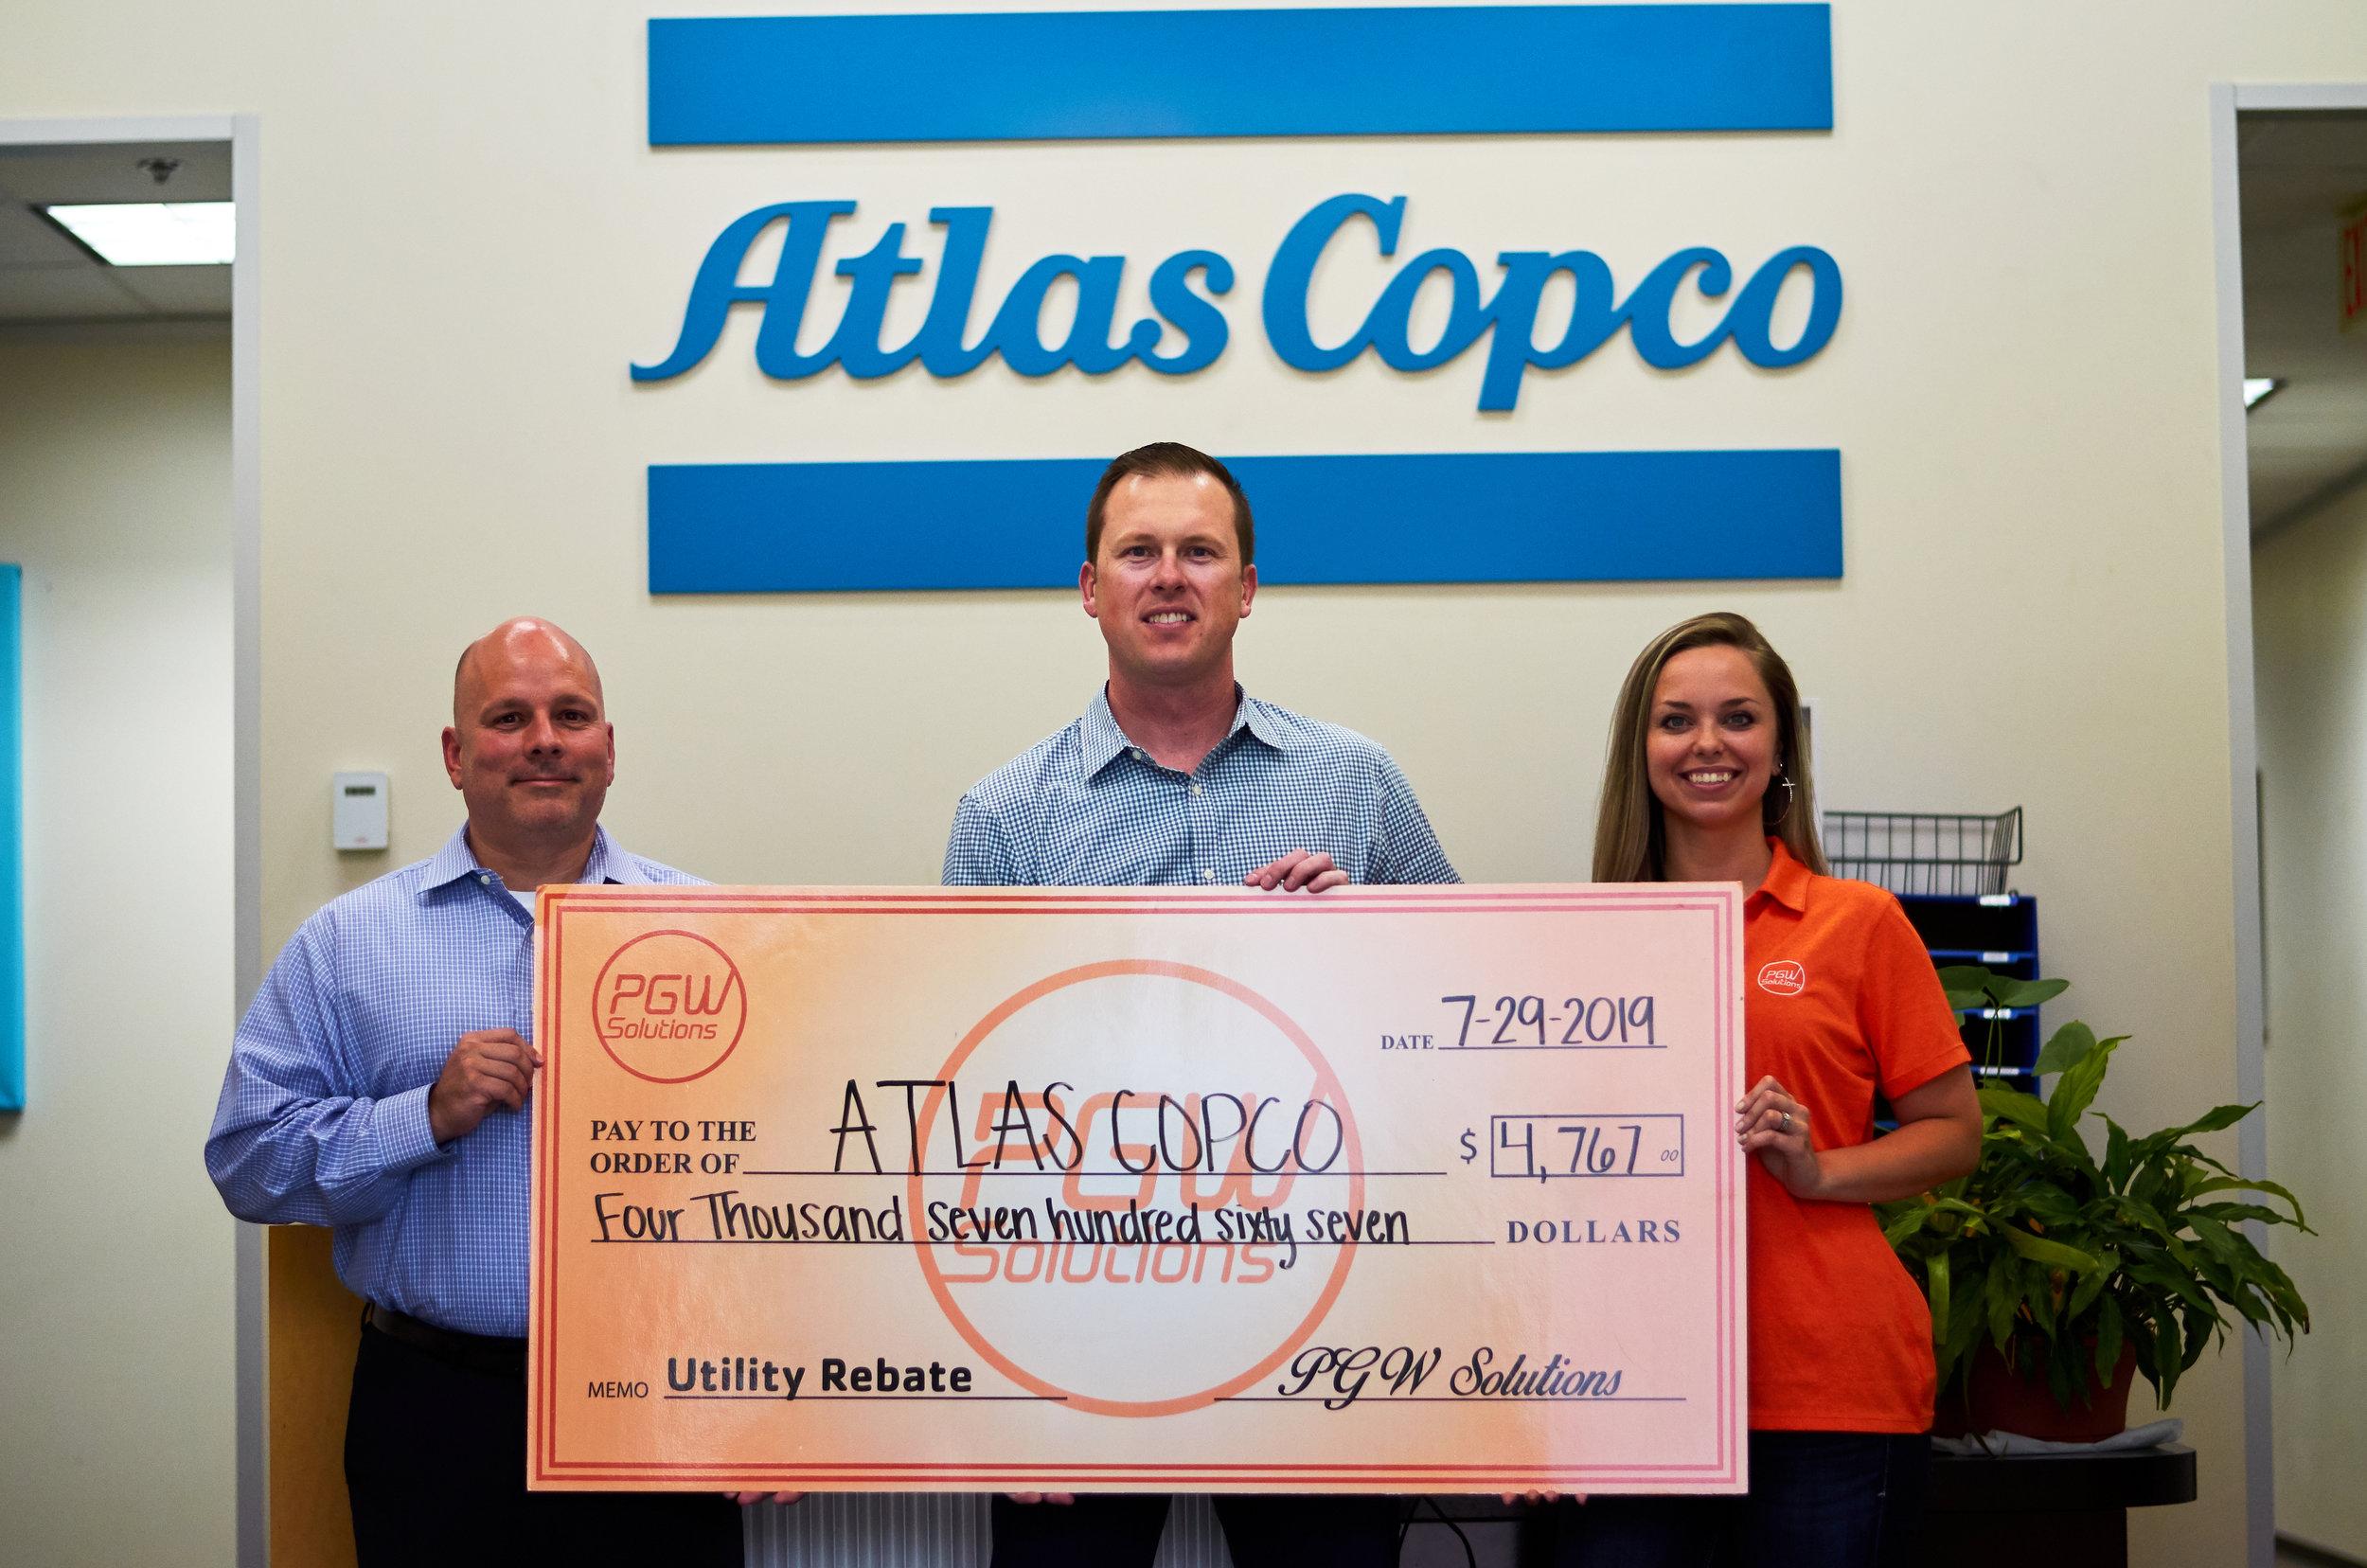 Atlas Copco - $4,767